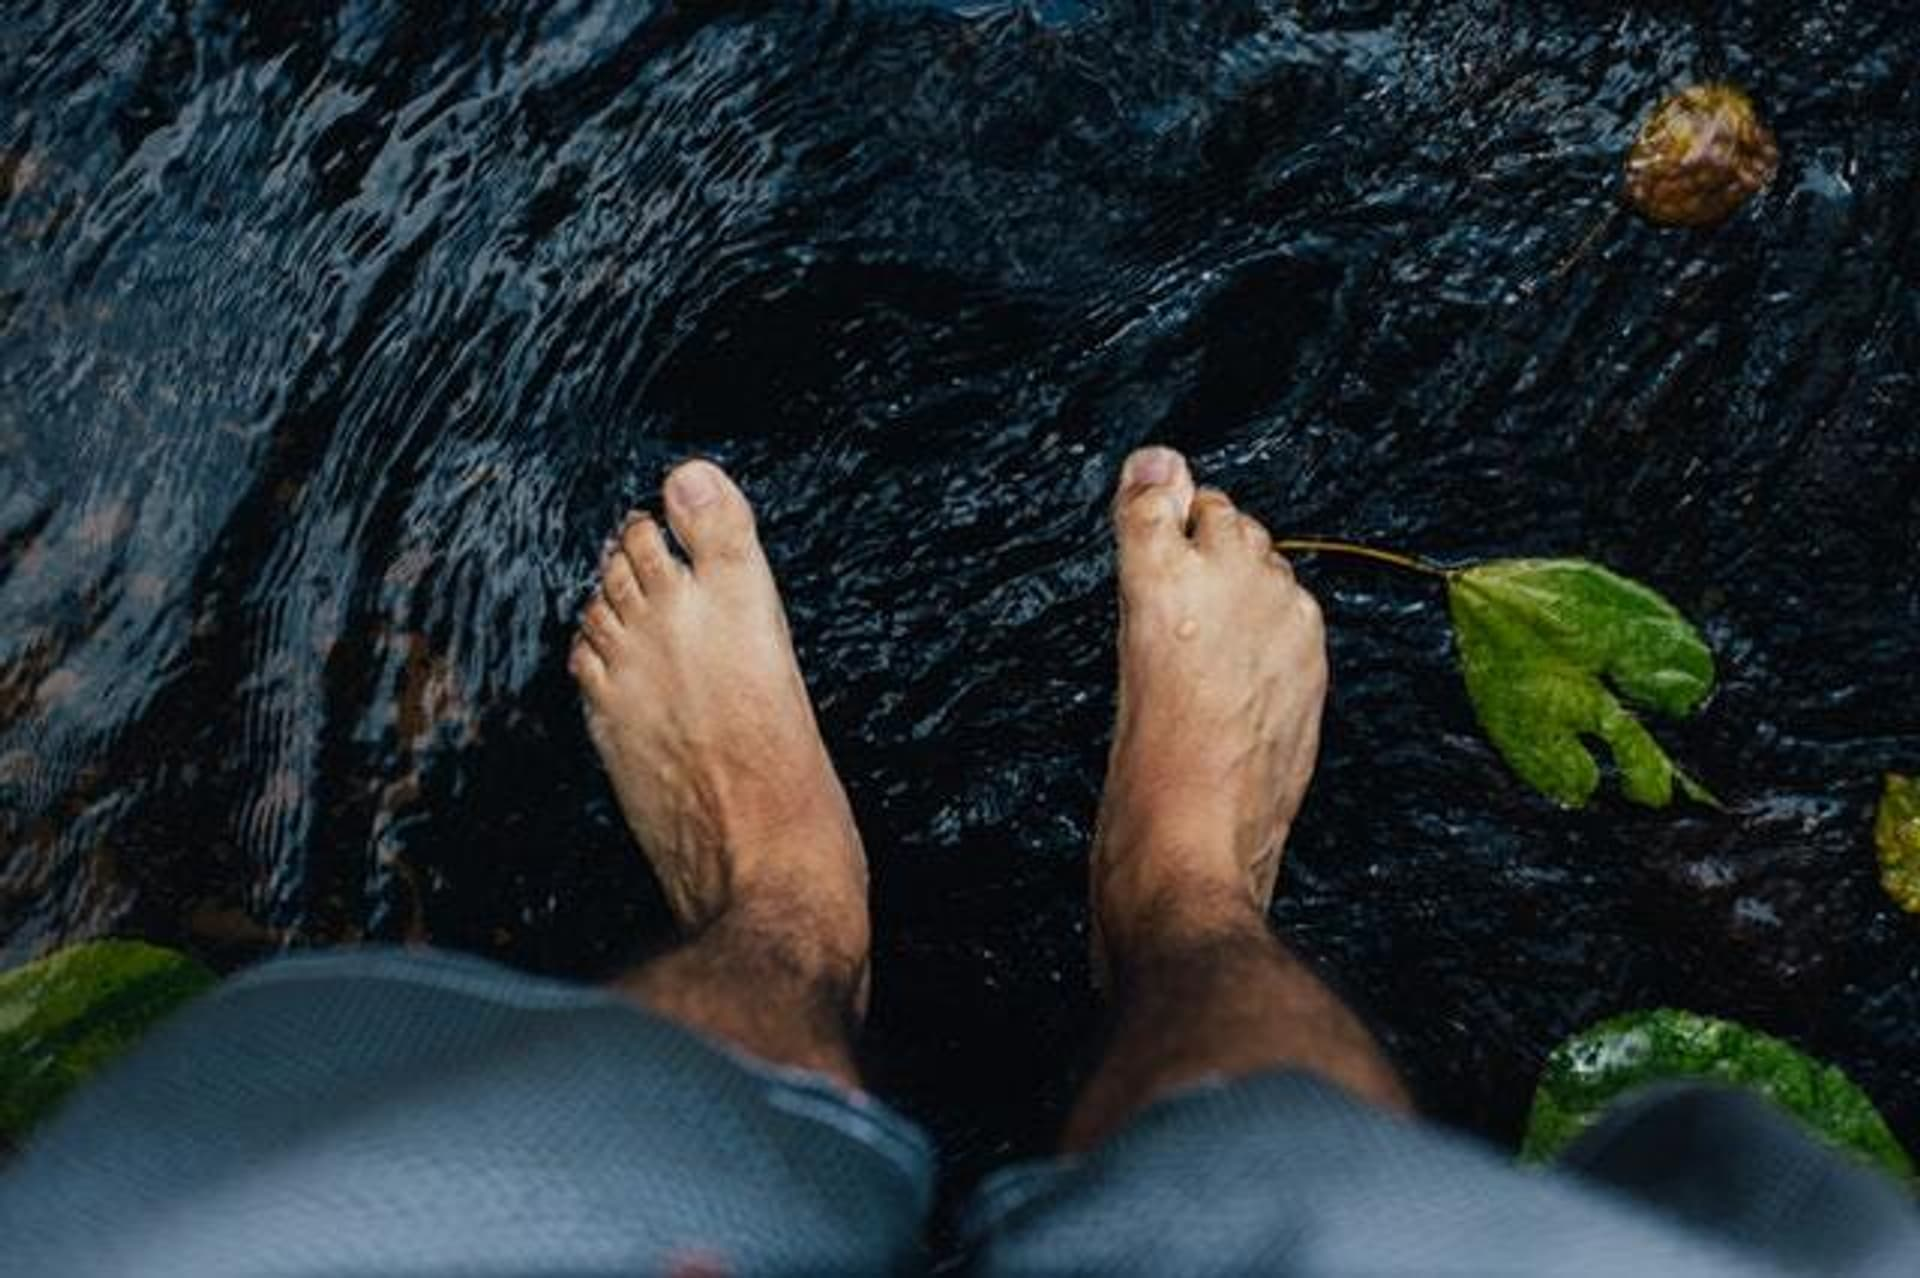 Nackte Füße in einem natürlichen Gewässer